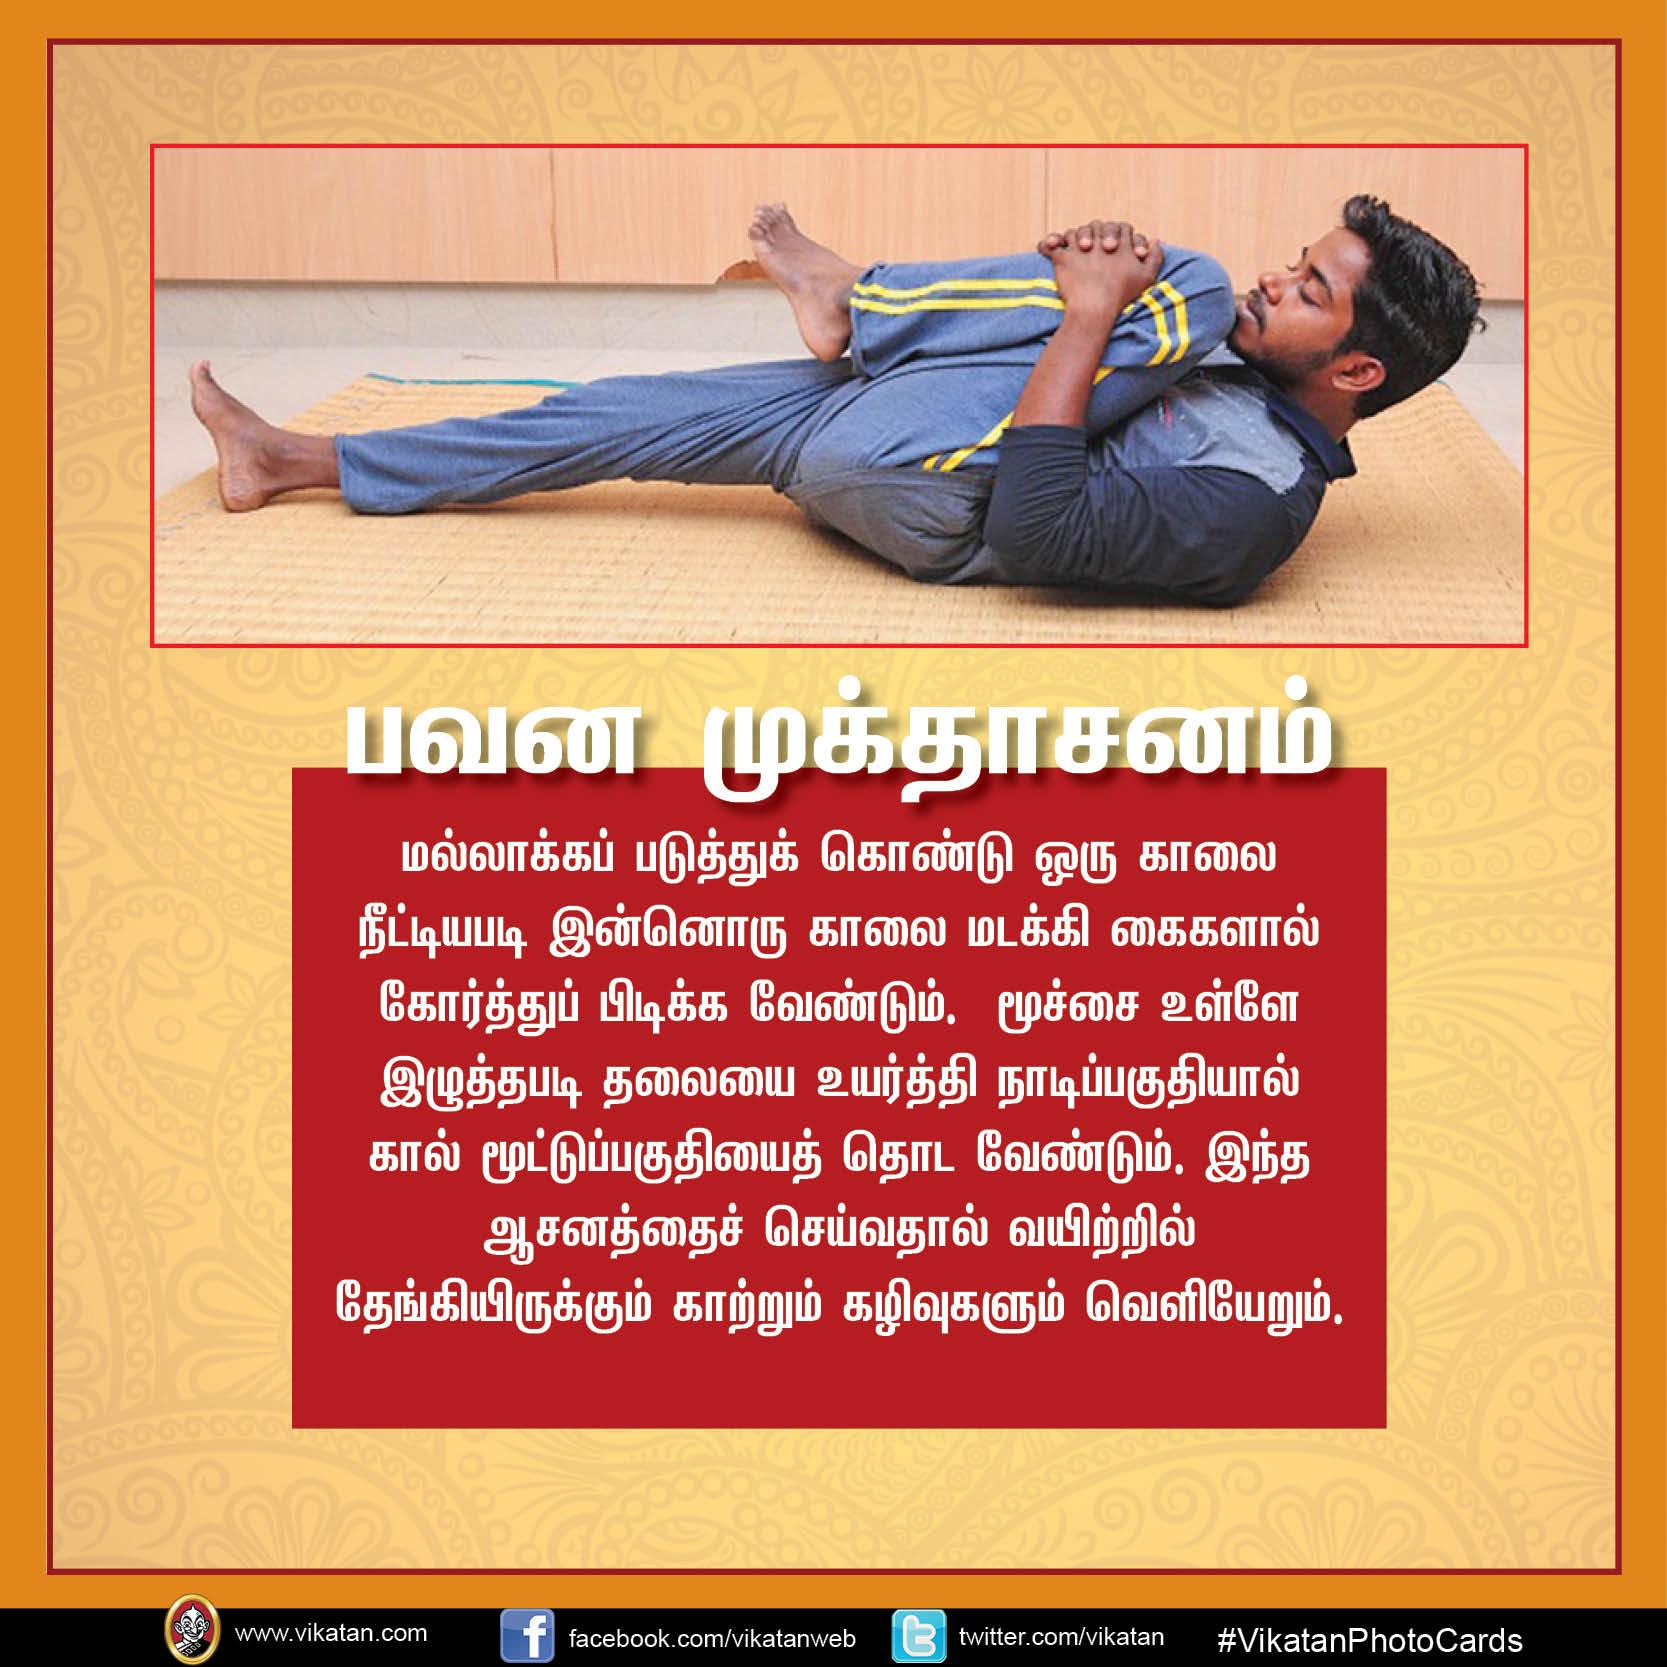 மலச்சிக்கல் நீக்கி மனச்சிக்கல் போக்கும் 10 ஆசனங்கள்! #InternationalYogaDay #VikatanPhotoCards